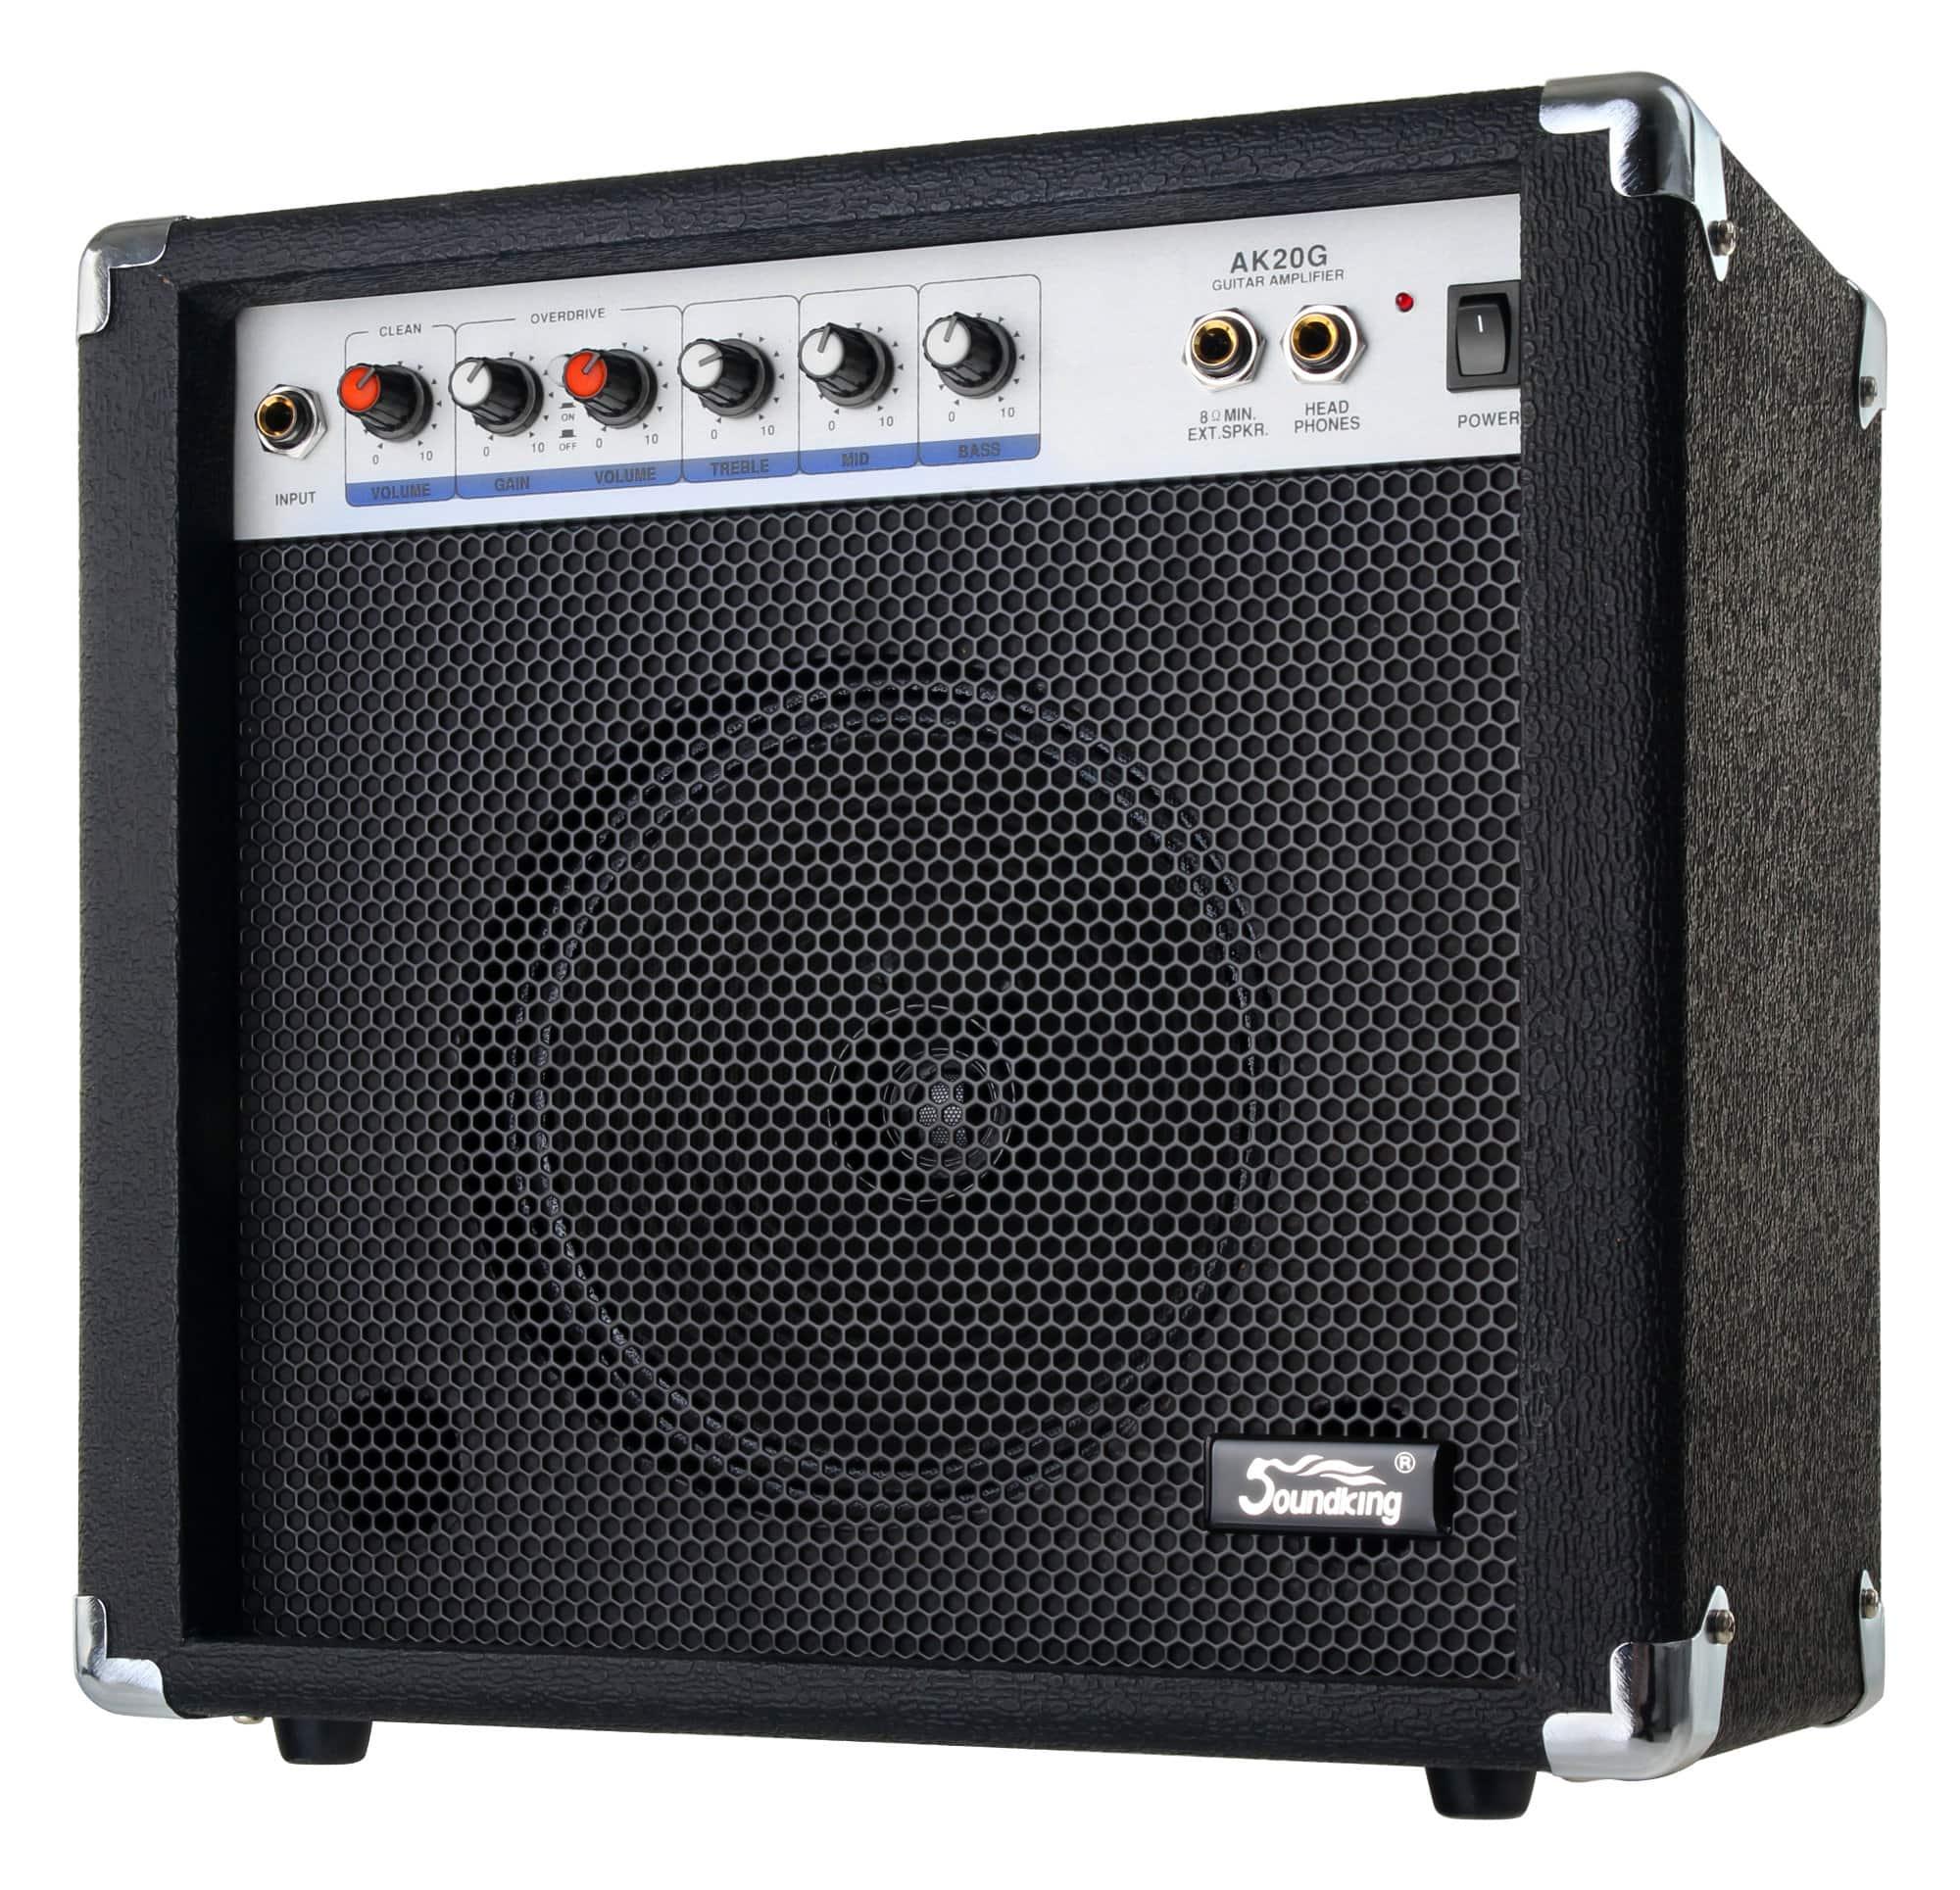 Soundking AK20 G Gitarrenverstärker 2 Kanal, 60 Watt